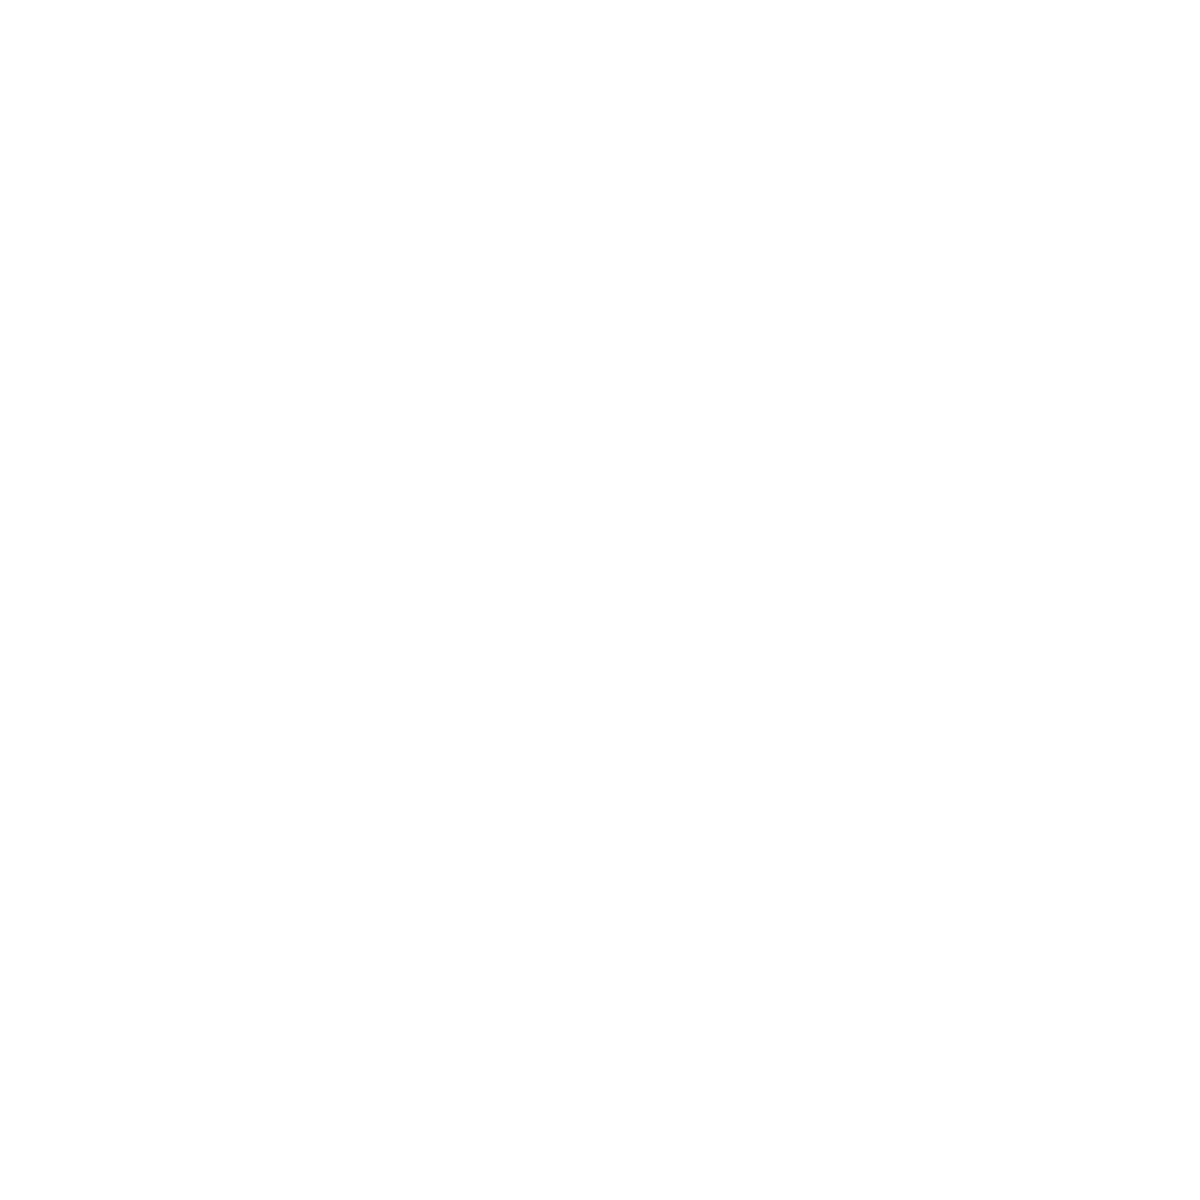 noun_stationary bike_127060-white